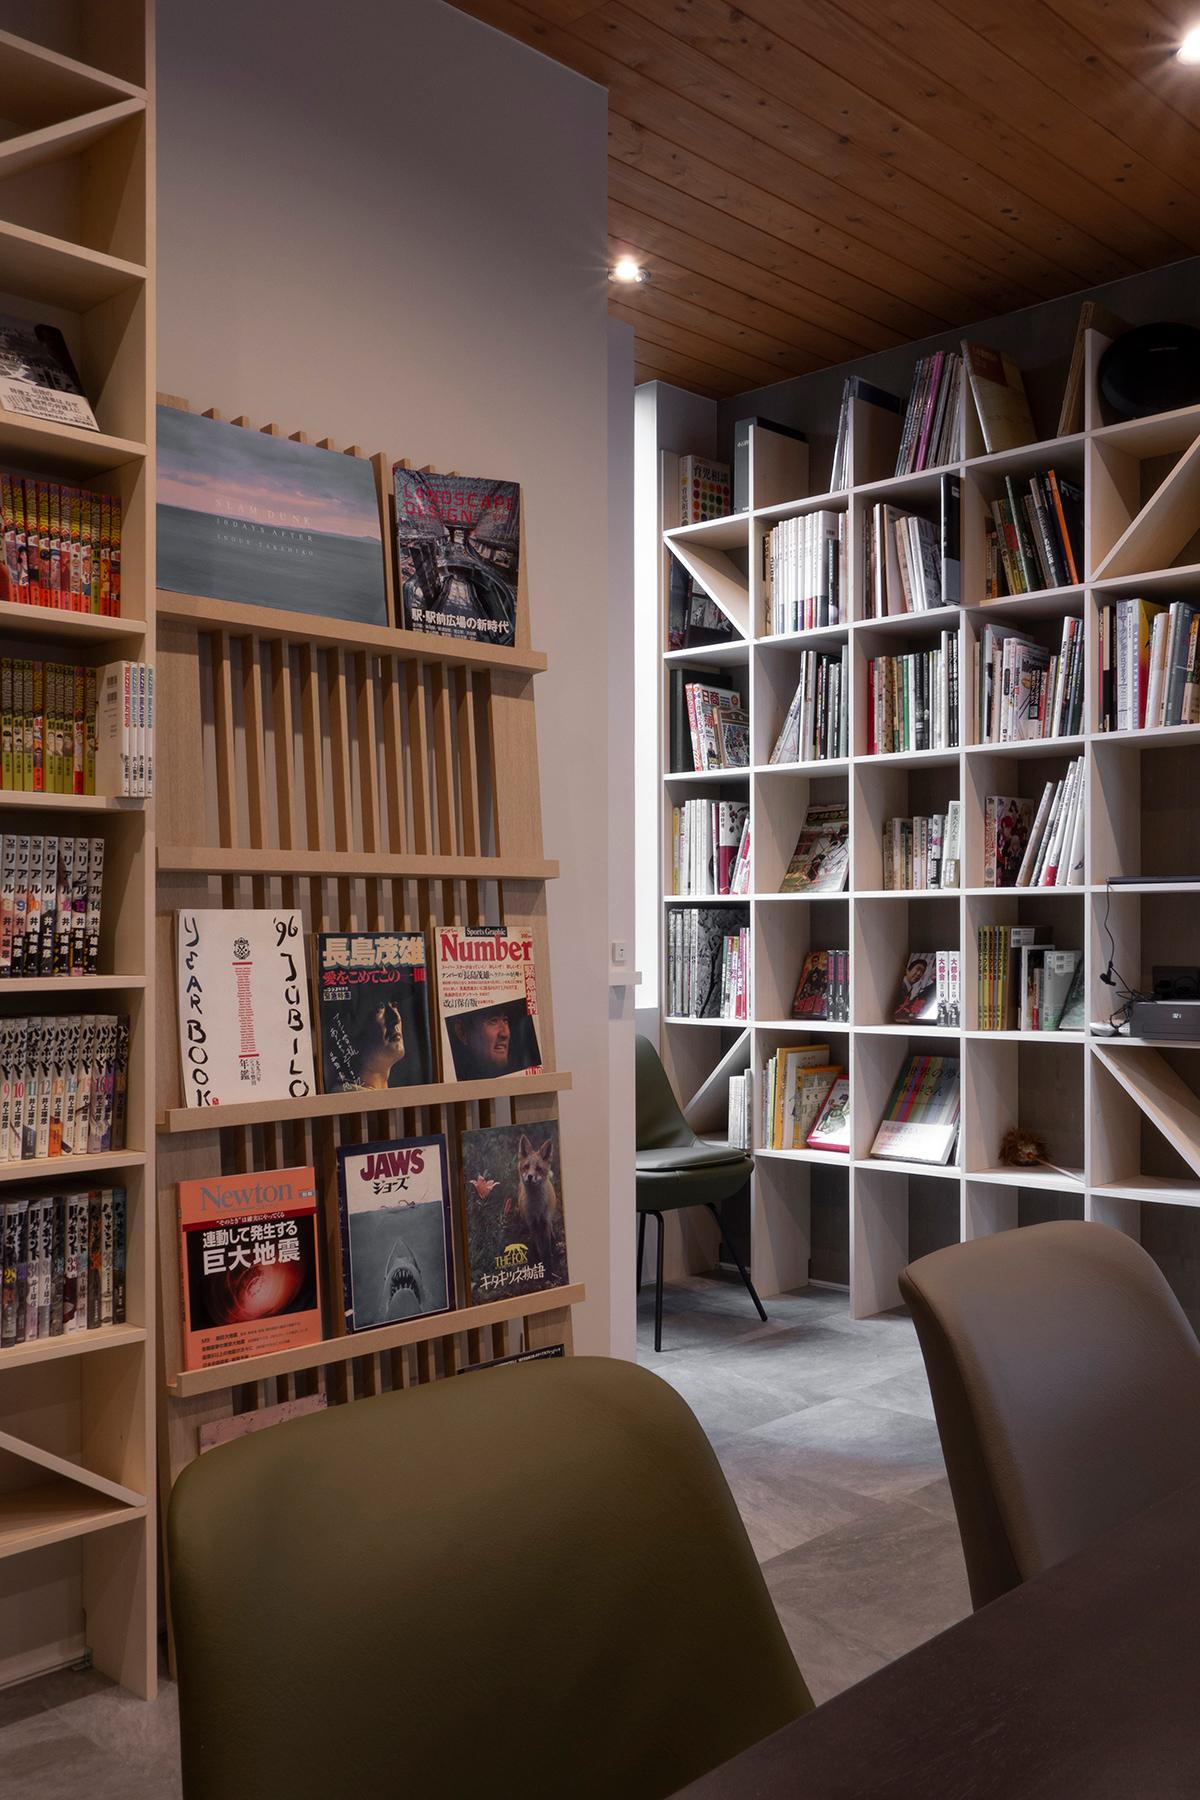 Jaja'sプロジェクト「私設図書館」- その2 |マガジンラック / Ladder (No.05)| マルゲリータ使用例